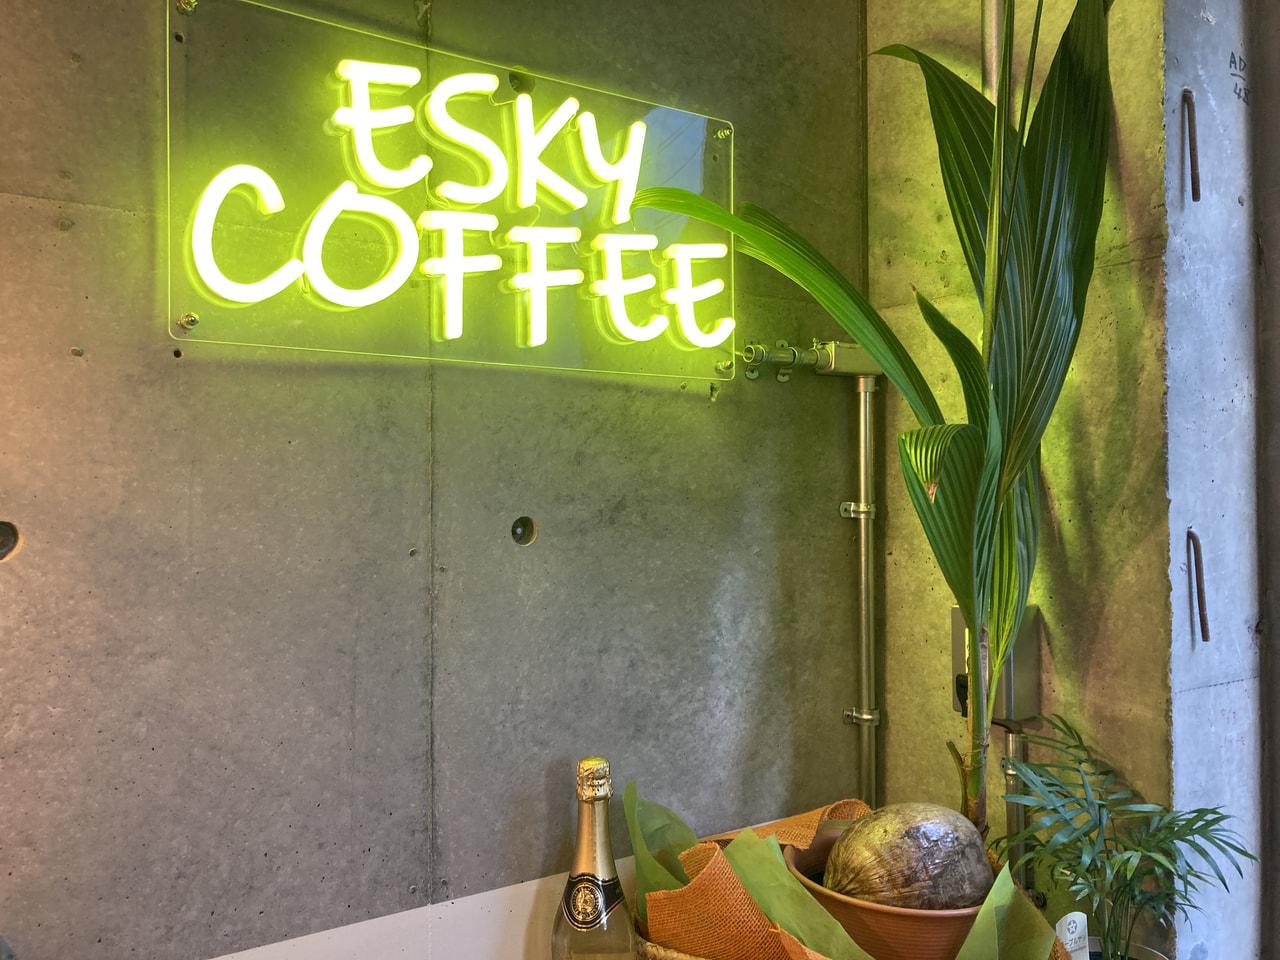 【1杯から考えるSDGs】〈ESKY COFFEE By Izzy's Cafe〉は環境への優しさも込めた、こだわりの1杯を届けるコーヒースタンドでした!